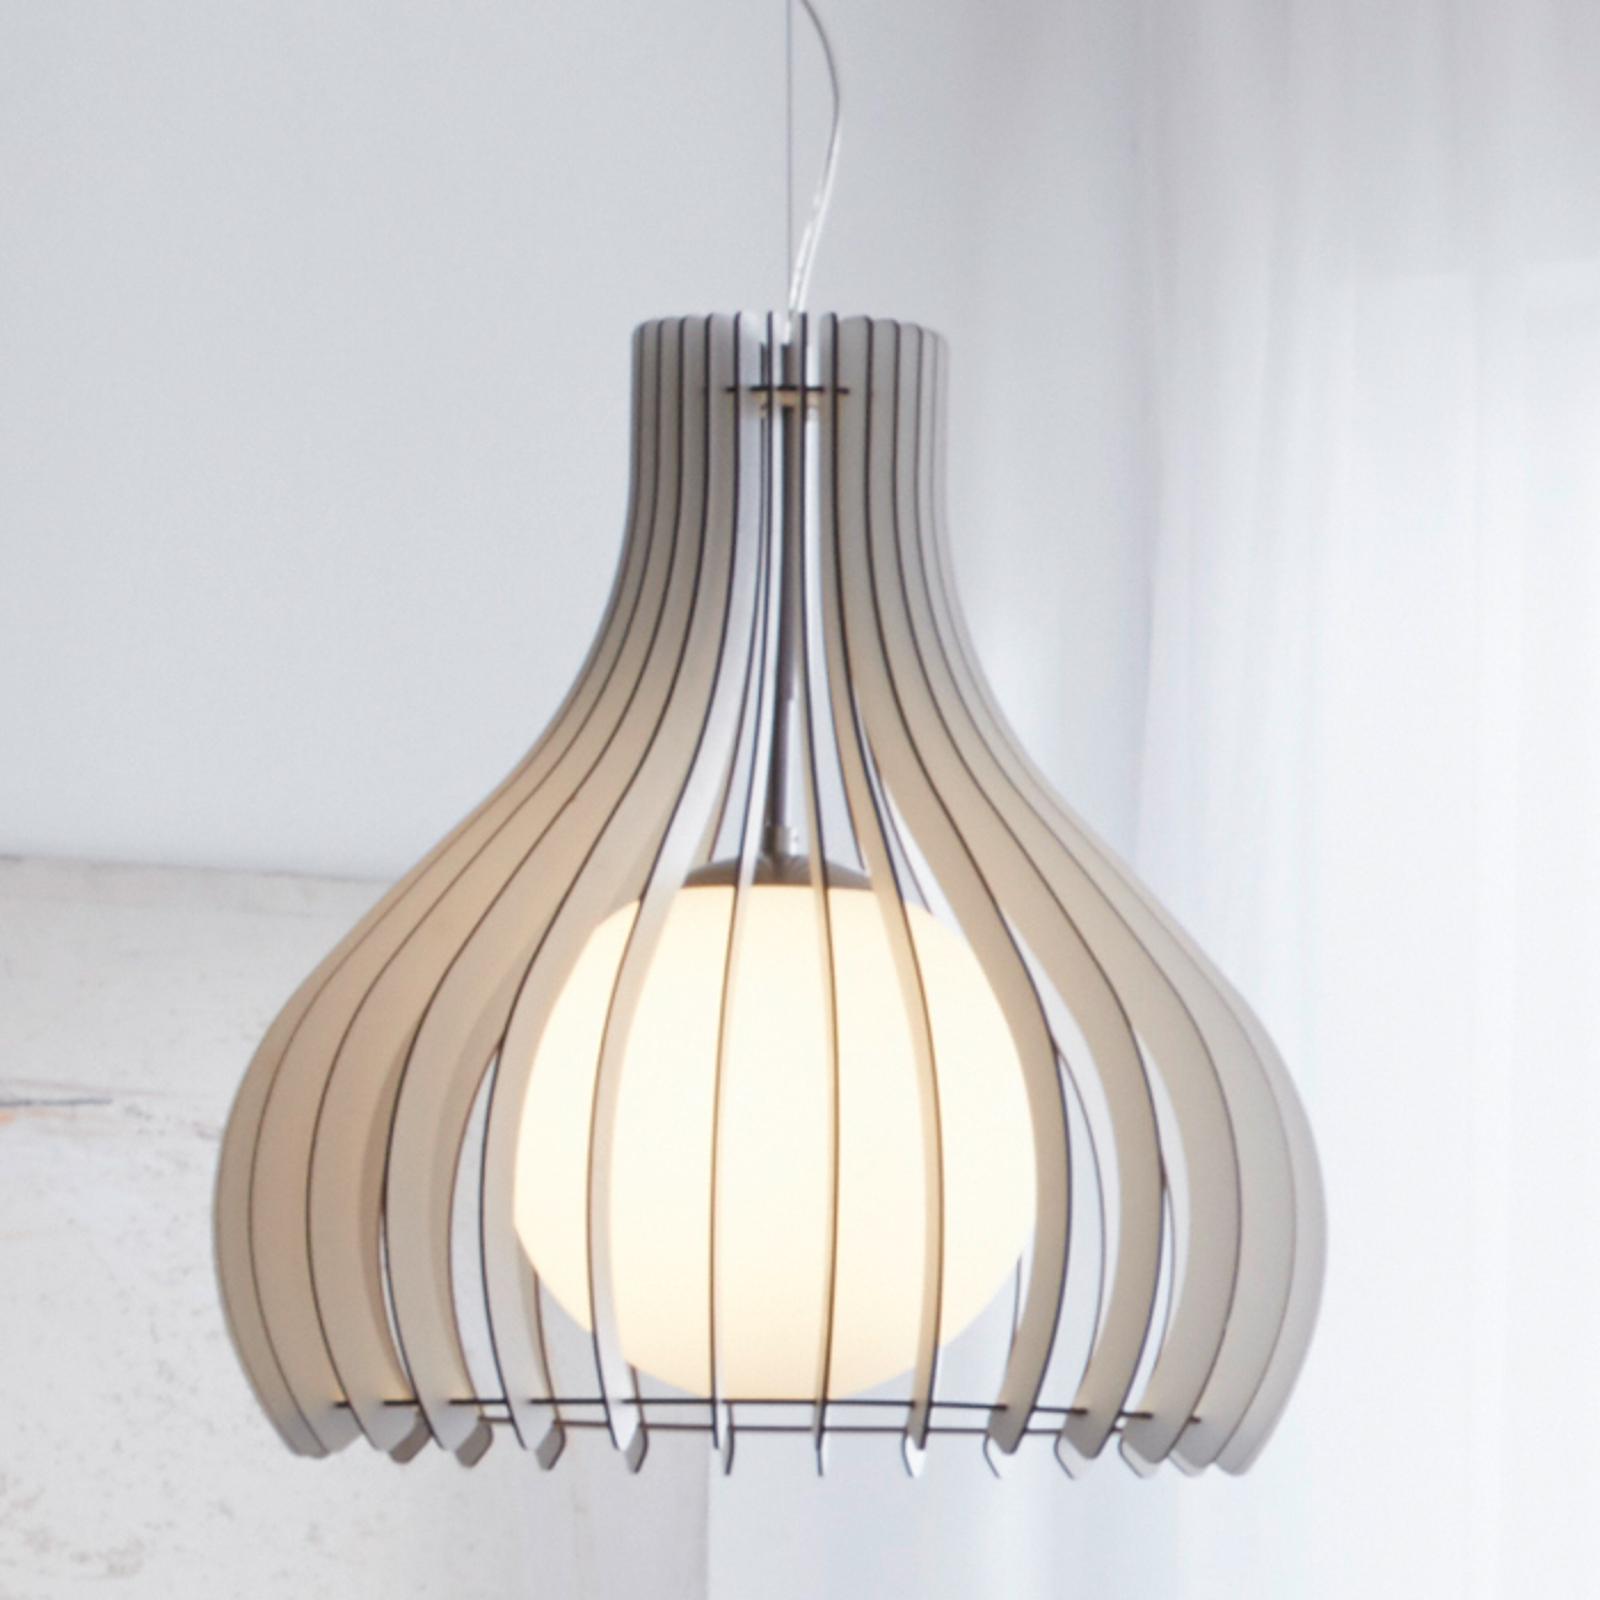 Hängelampe Tindori mit Holzlamellen, weiß